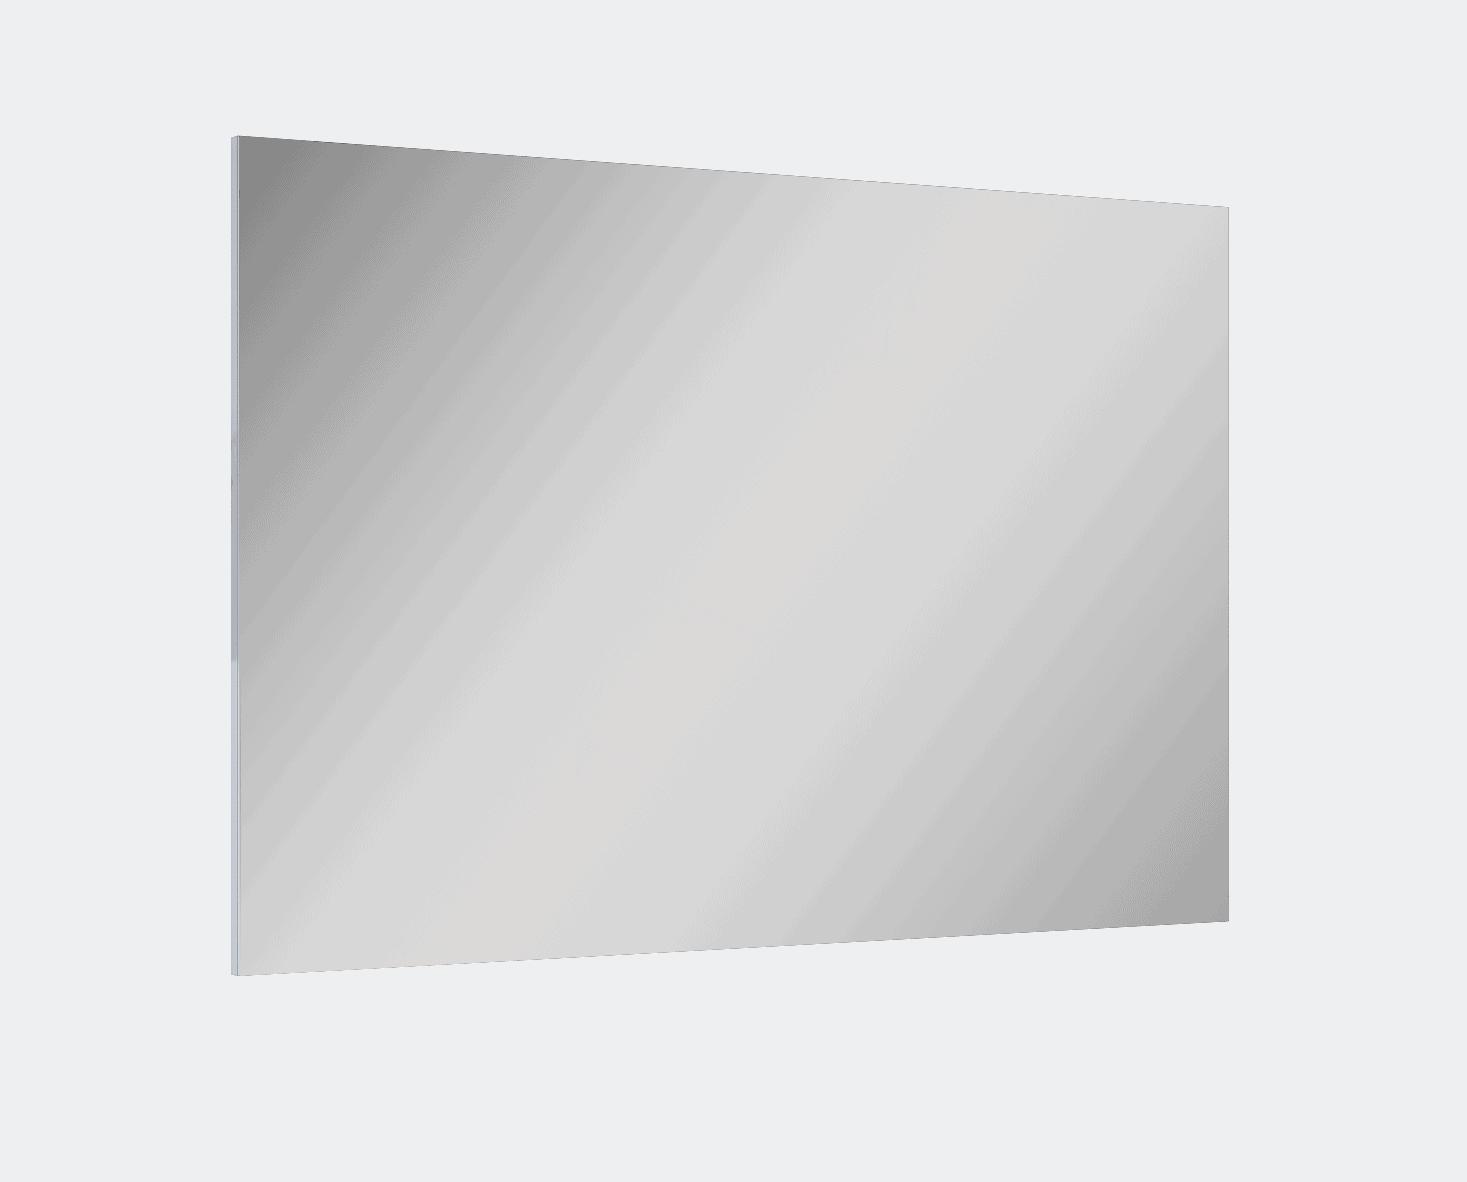 Lustro Elita Na płycie Sote 120x80cm 165805